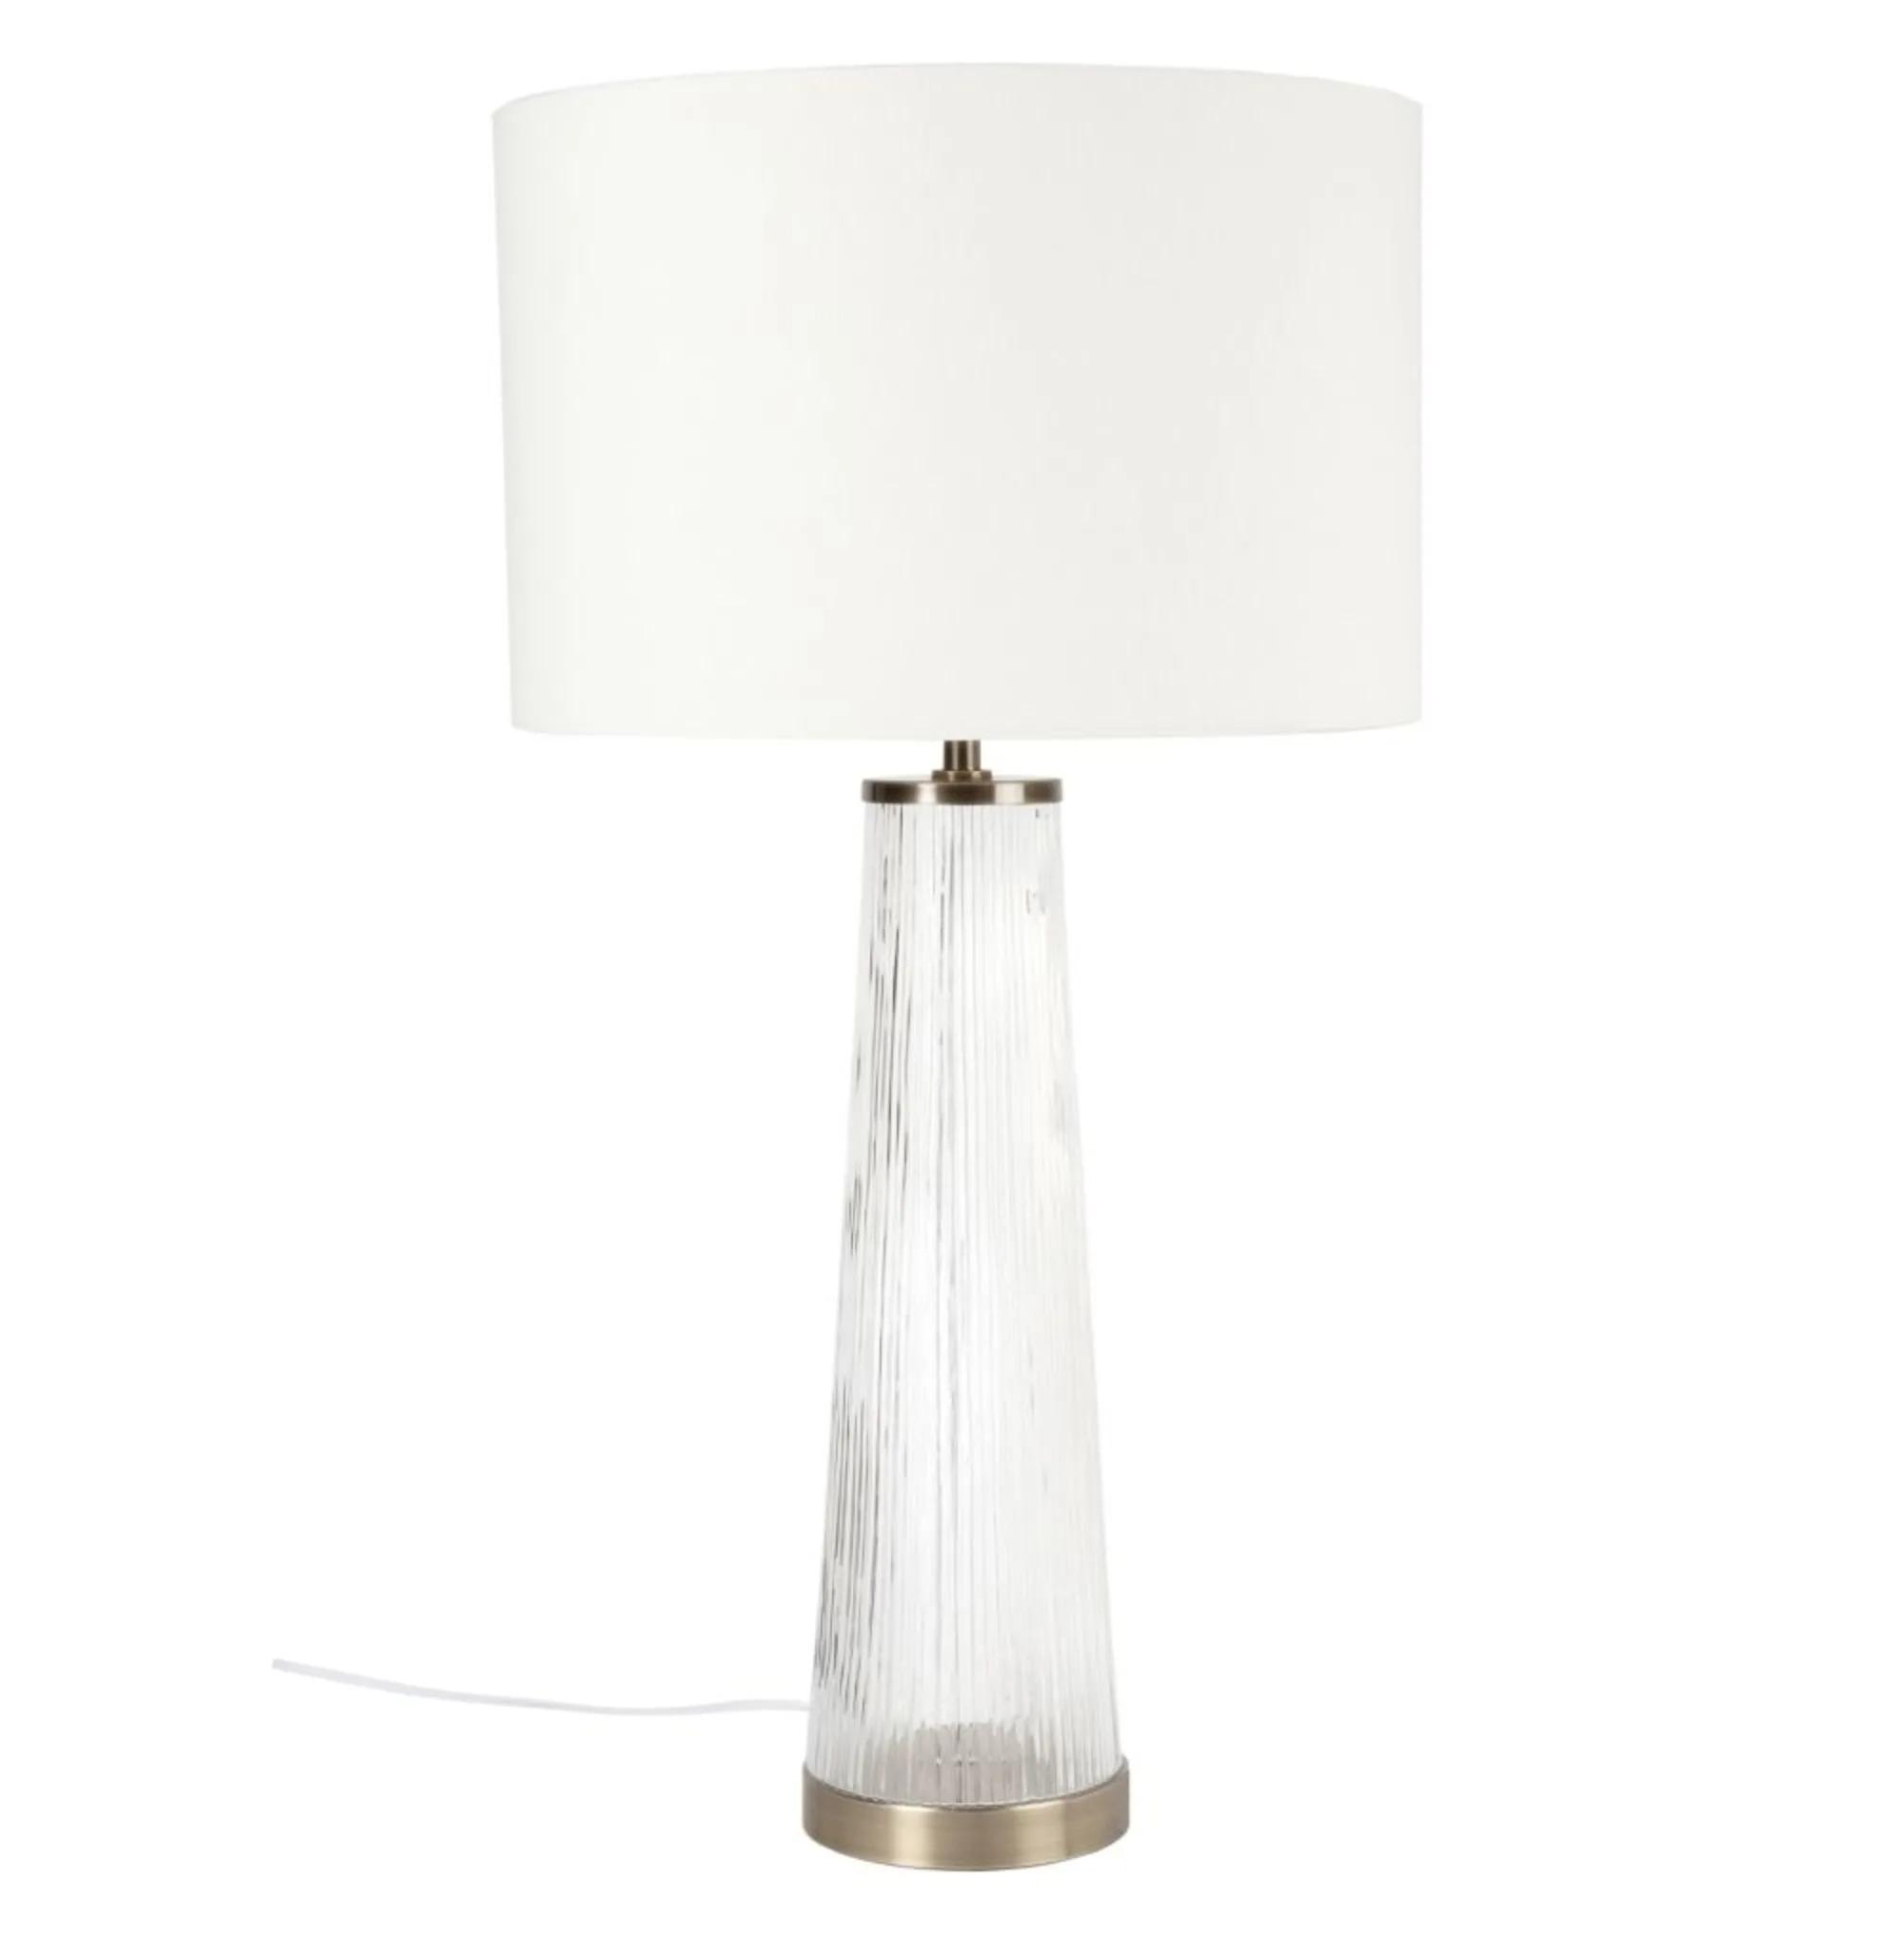 Lámpara de cristal, metal dorado y pantalla beige.